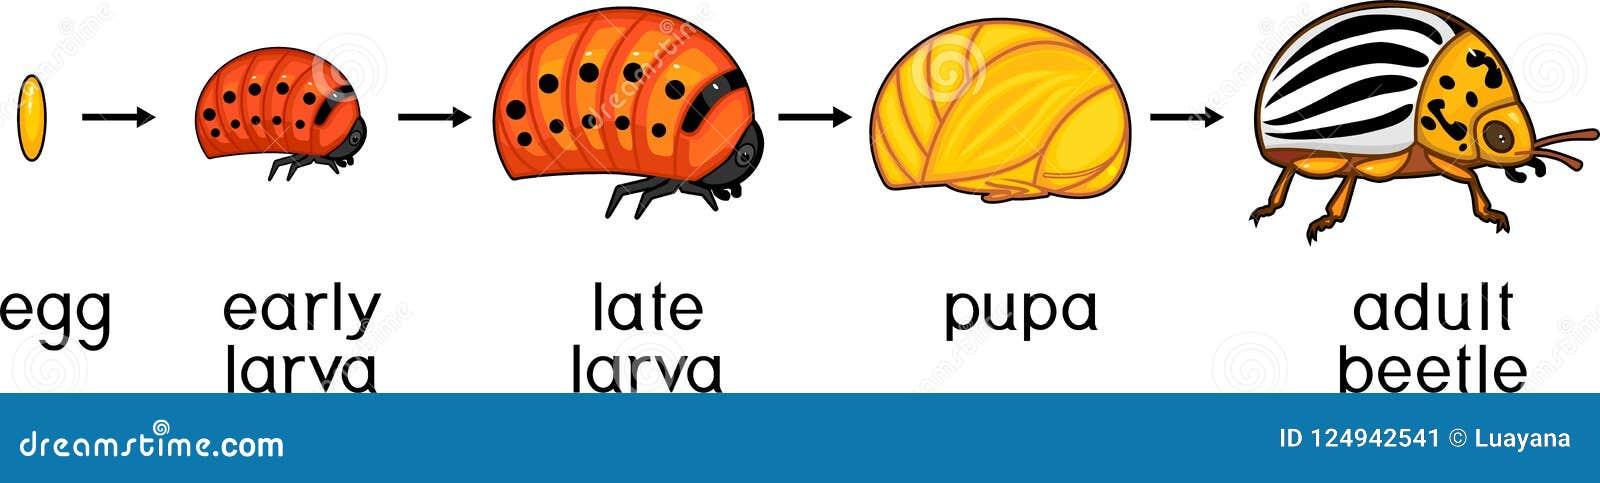 Etap życia Kolorado kartoflana ściga lub Leptinotarsa decemlineata Sceny rozwój od jajka dorosły insekt